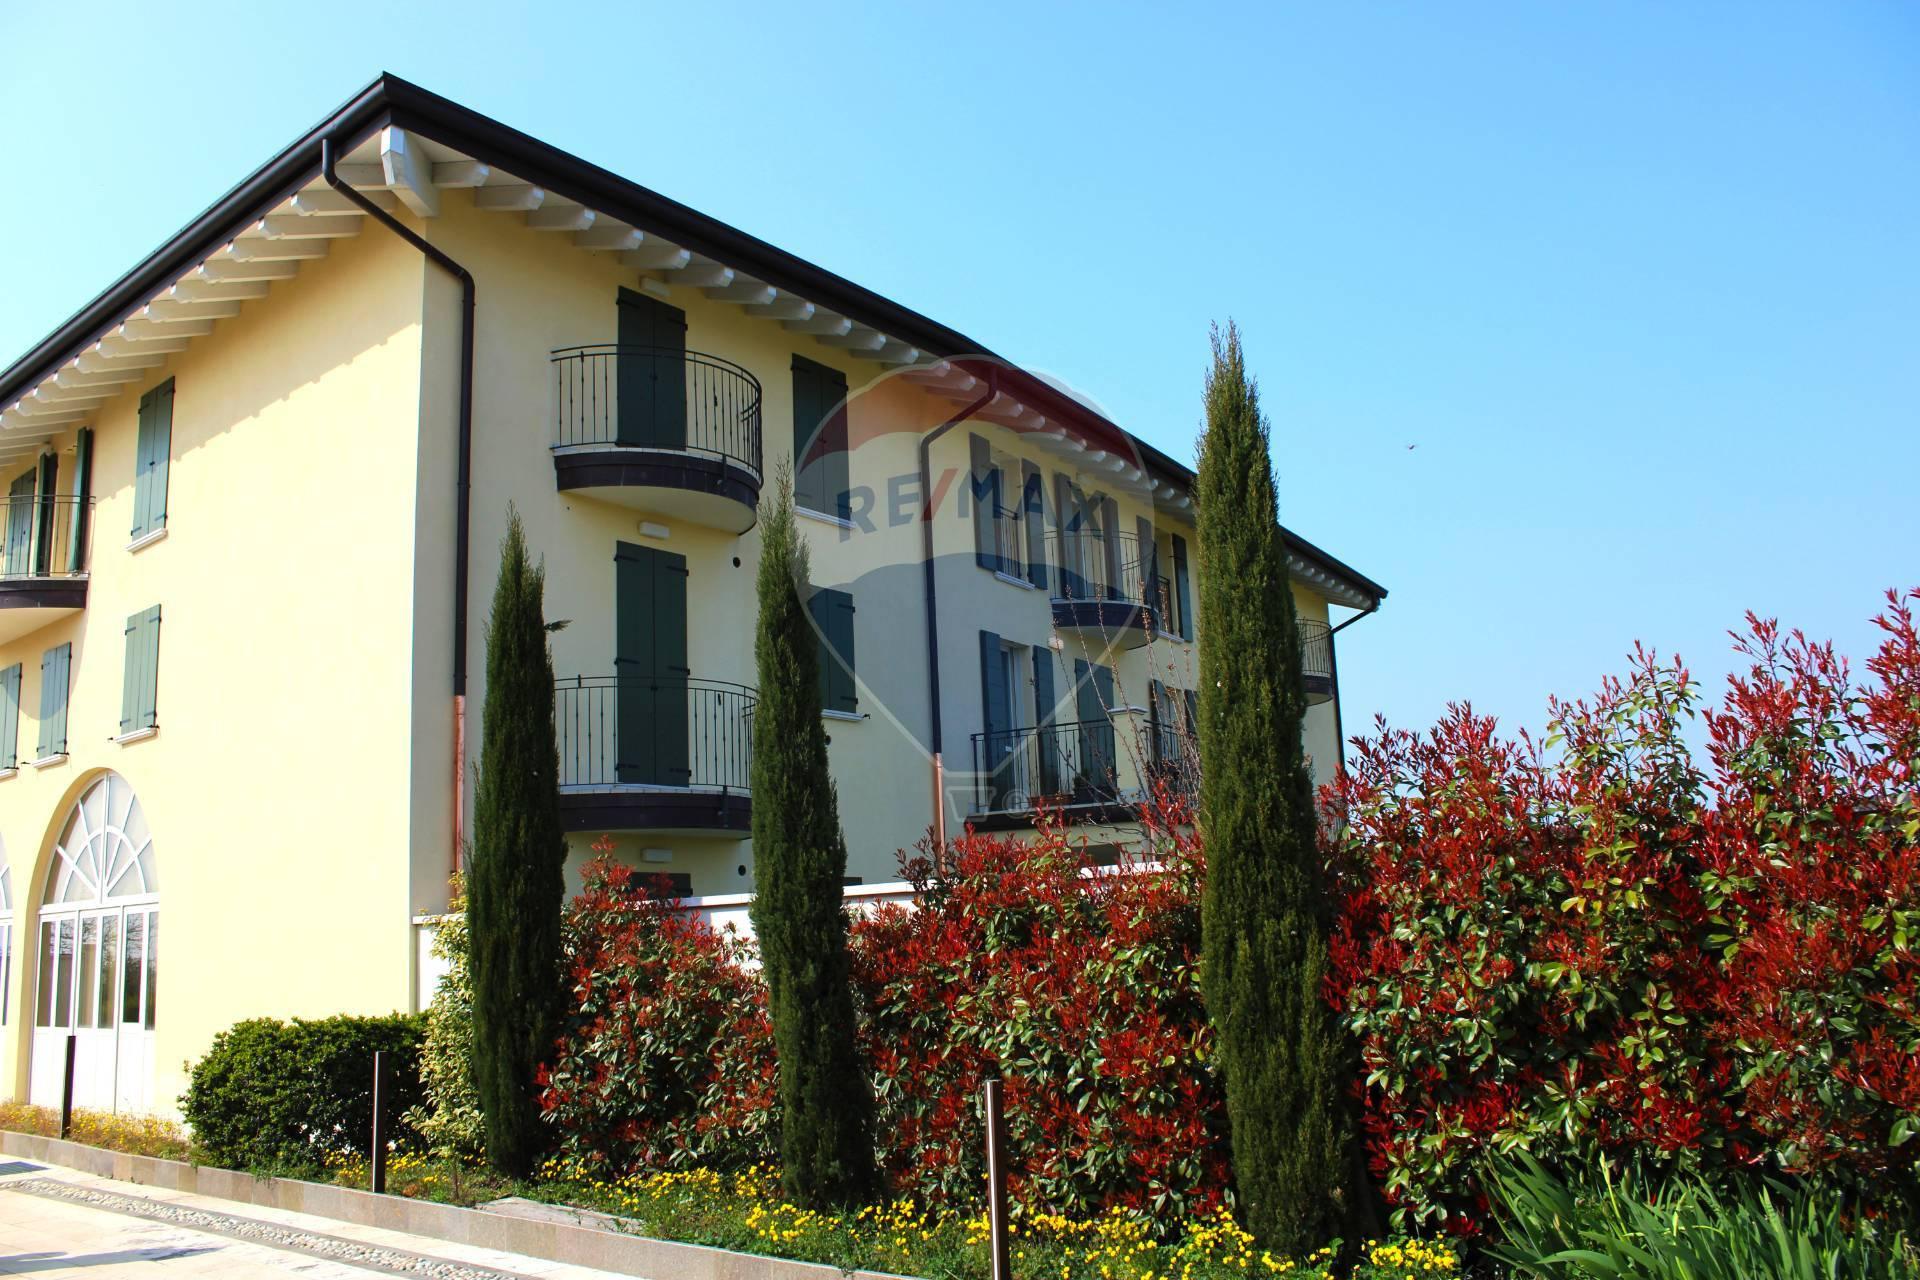 Appartamento in vendita a Desenzano del Garda, 3 locali, zona Località: RivoltelladelGarda, prezzo € 275.000 | PortaleAgenzieImmobiliari.it